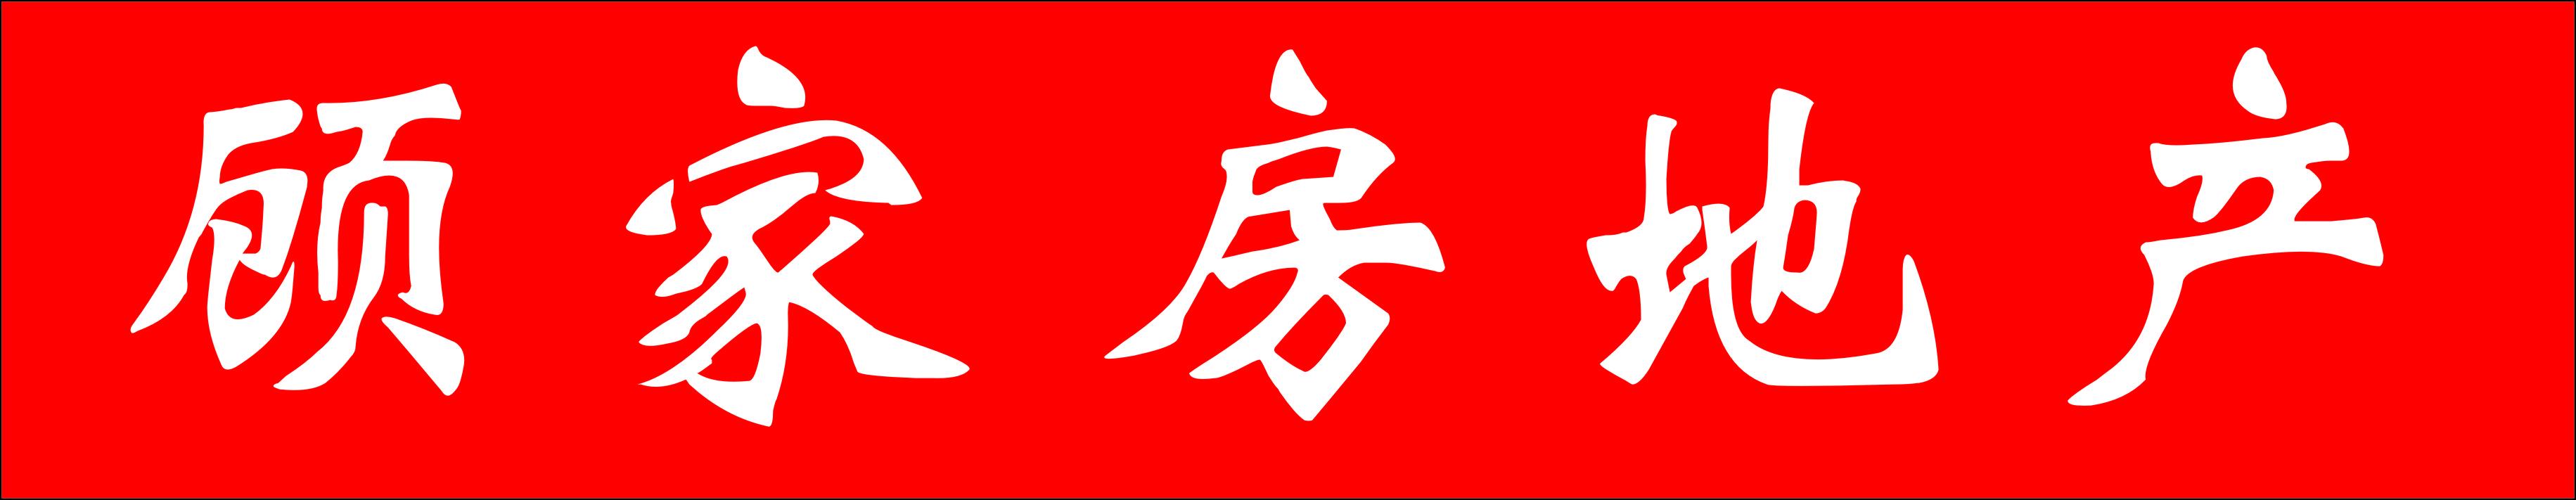 赣州南康顾家房地产有限公司